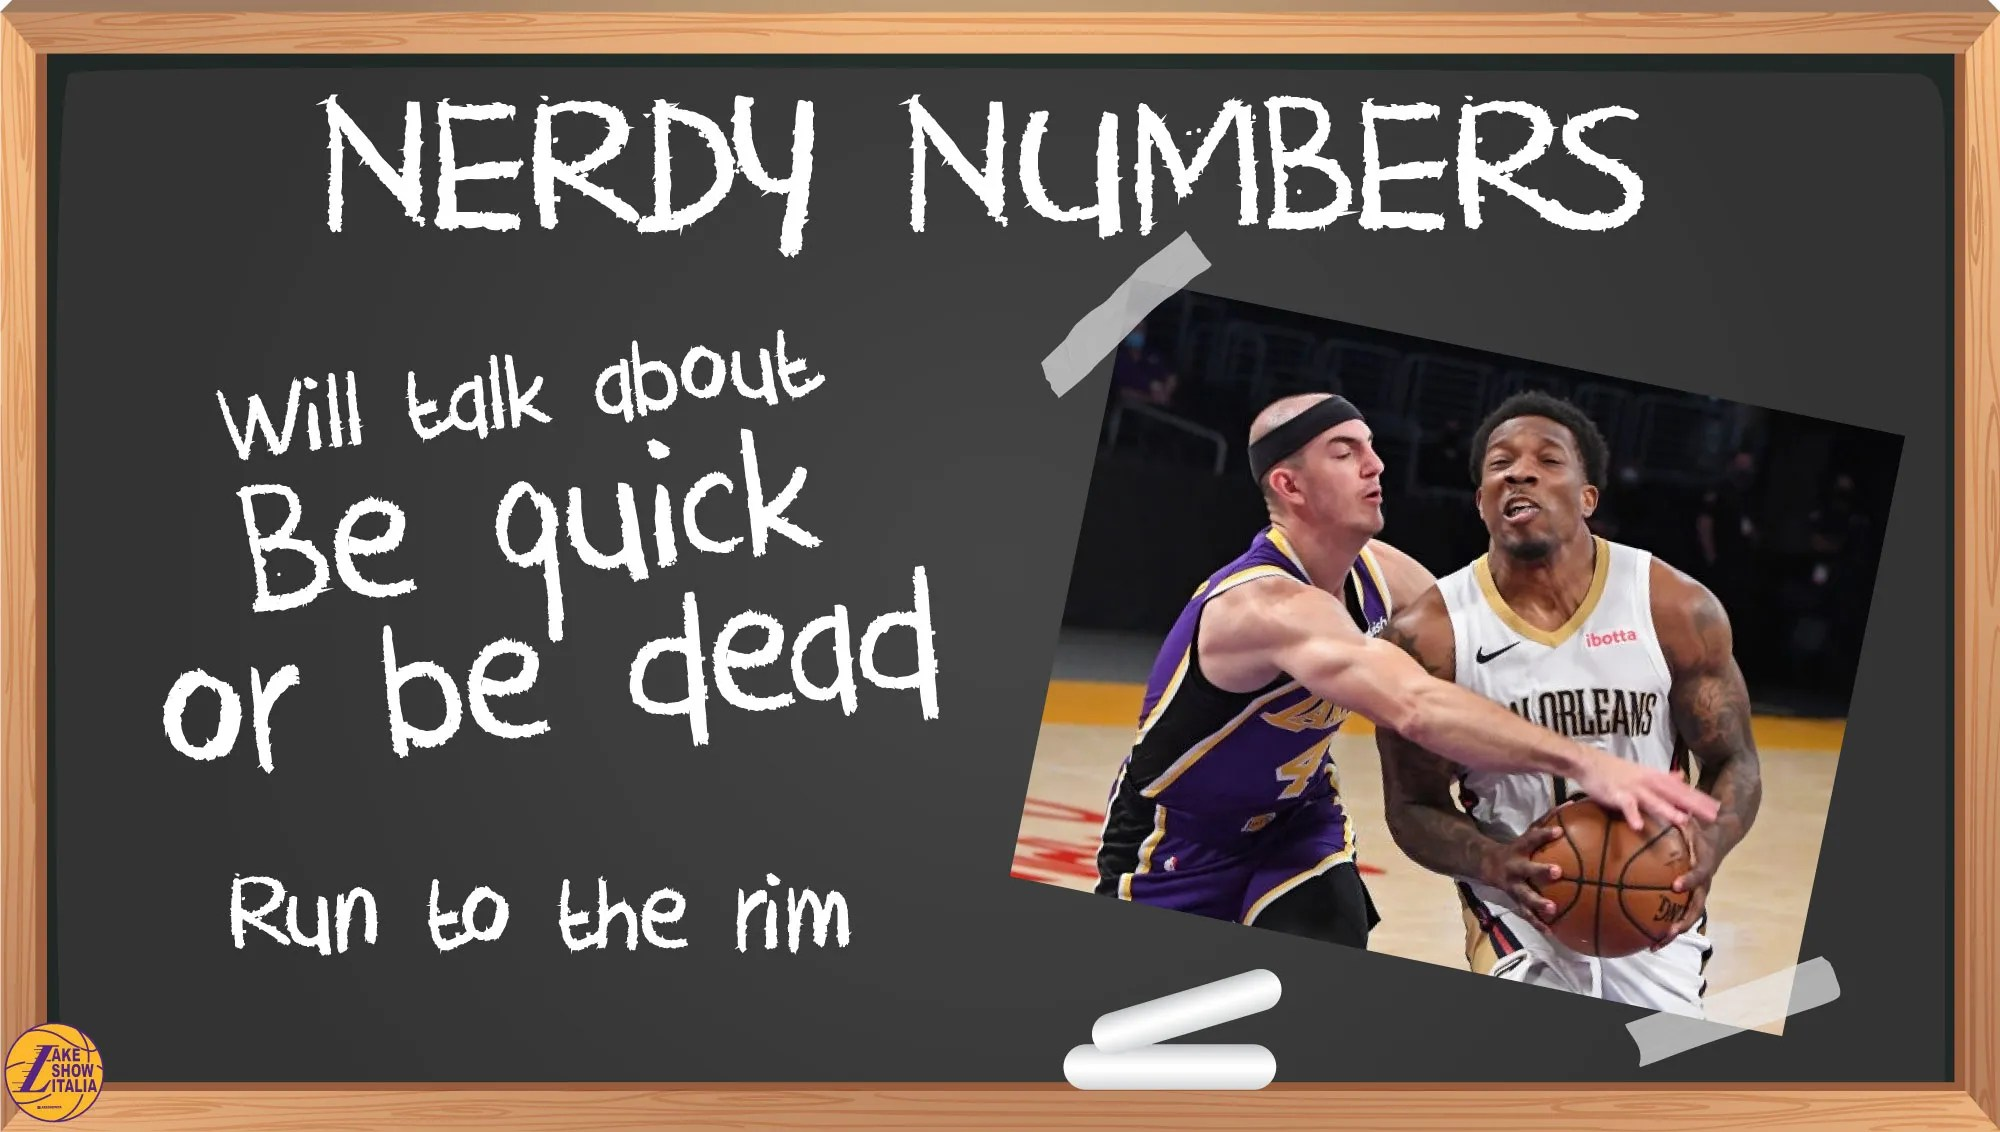 Nelle ultime gare, i Lakers hanno sono stati più efficienti e pericolosi quando sono riusciti ad alzare il ritmo ed attaccare in transizione.